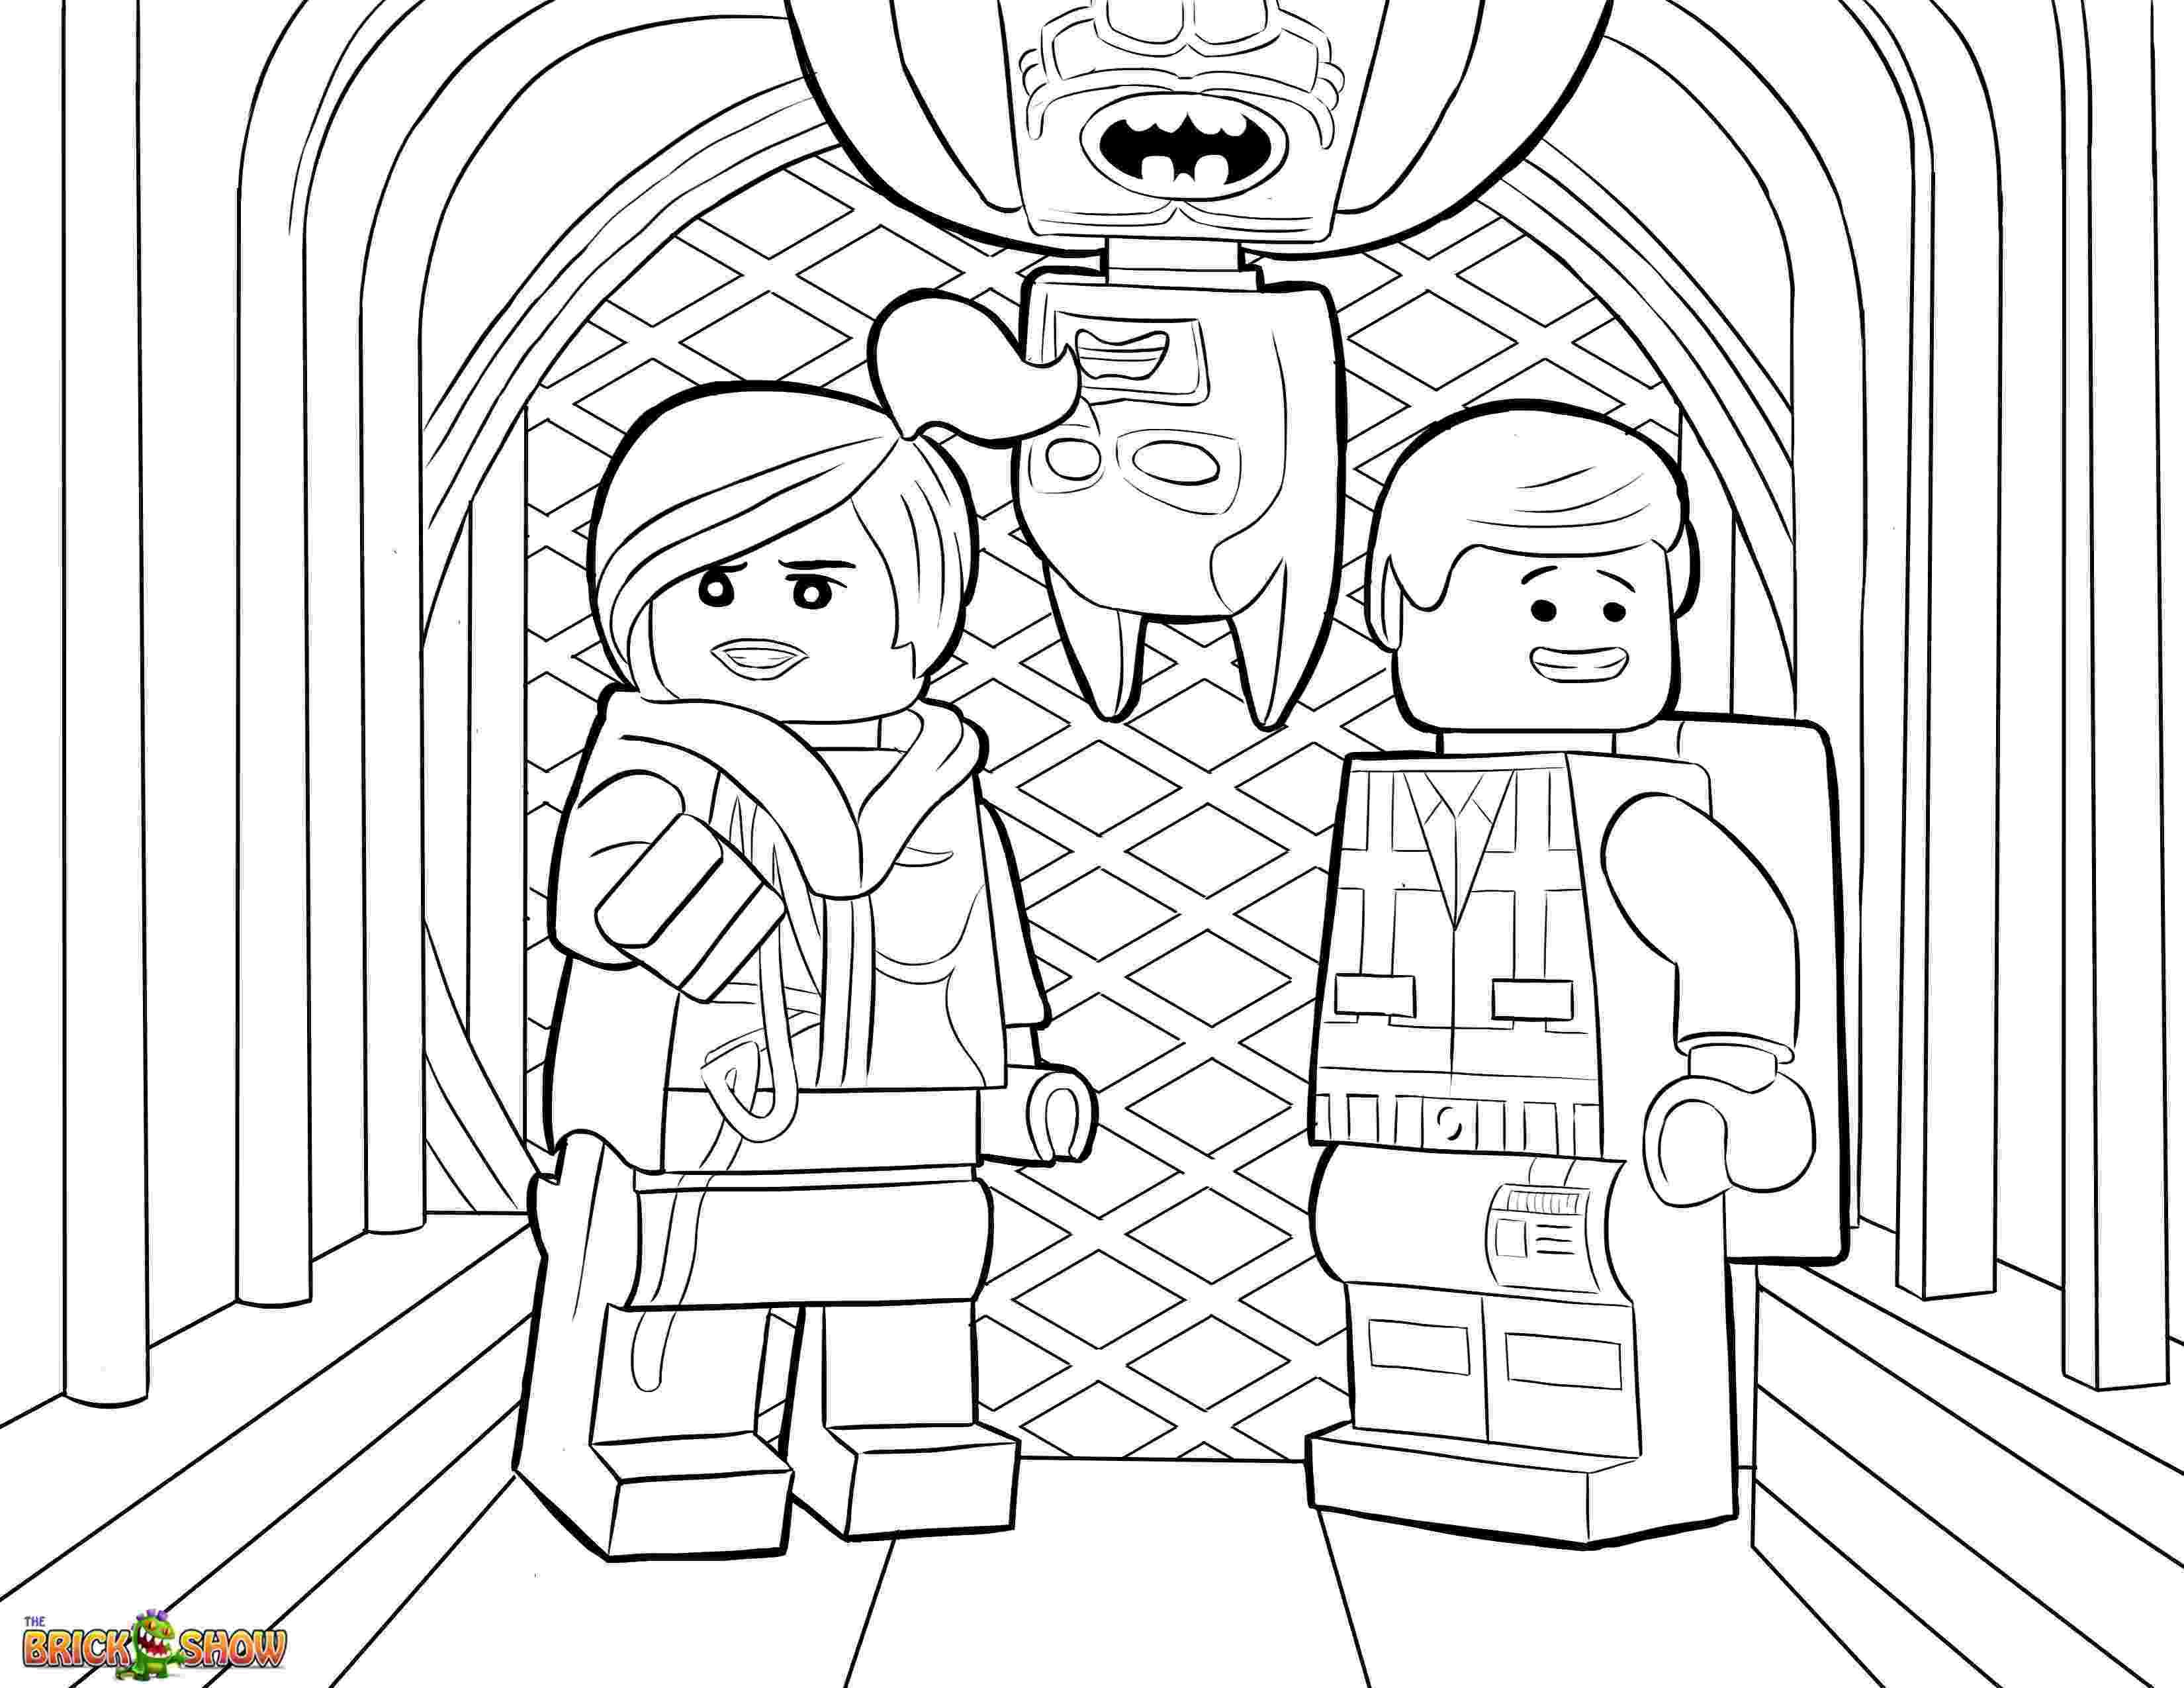 free lego printable coloring book lego ninjago coloring pages free printable pictures printable coloring book free lego